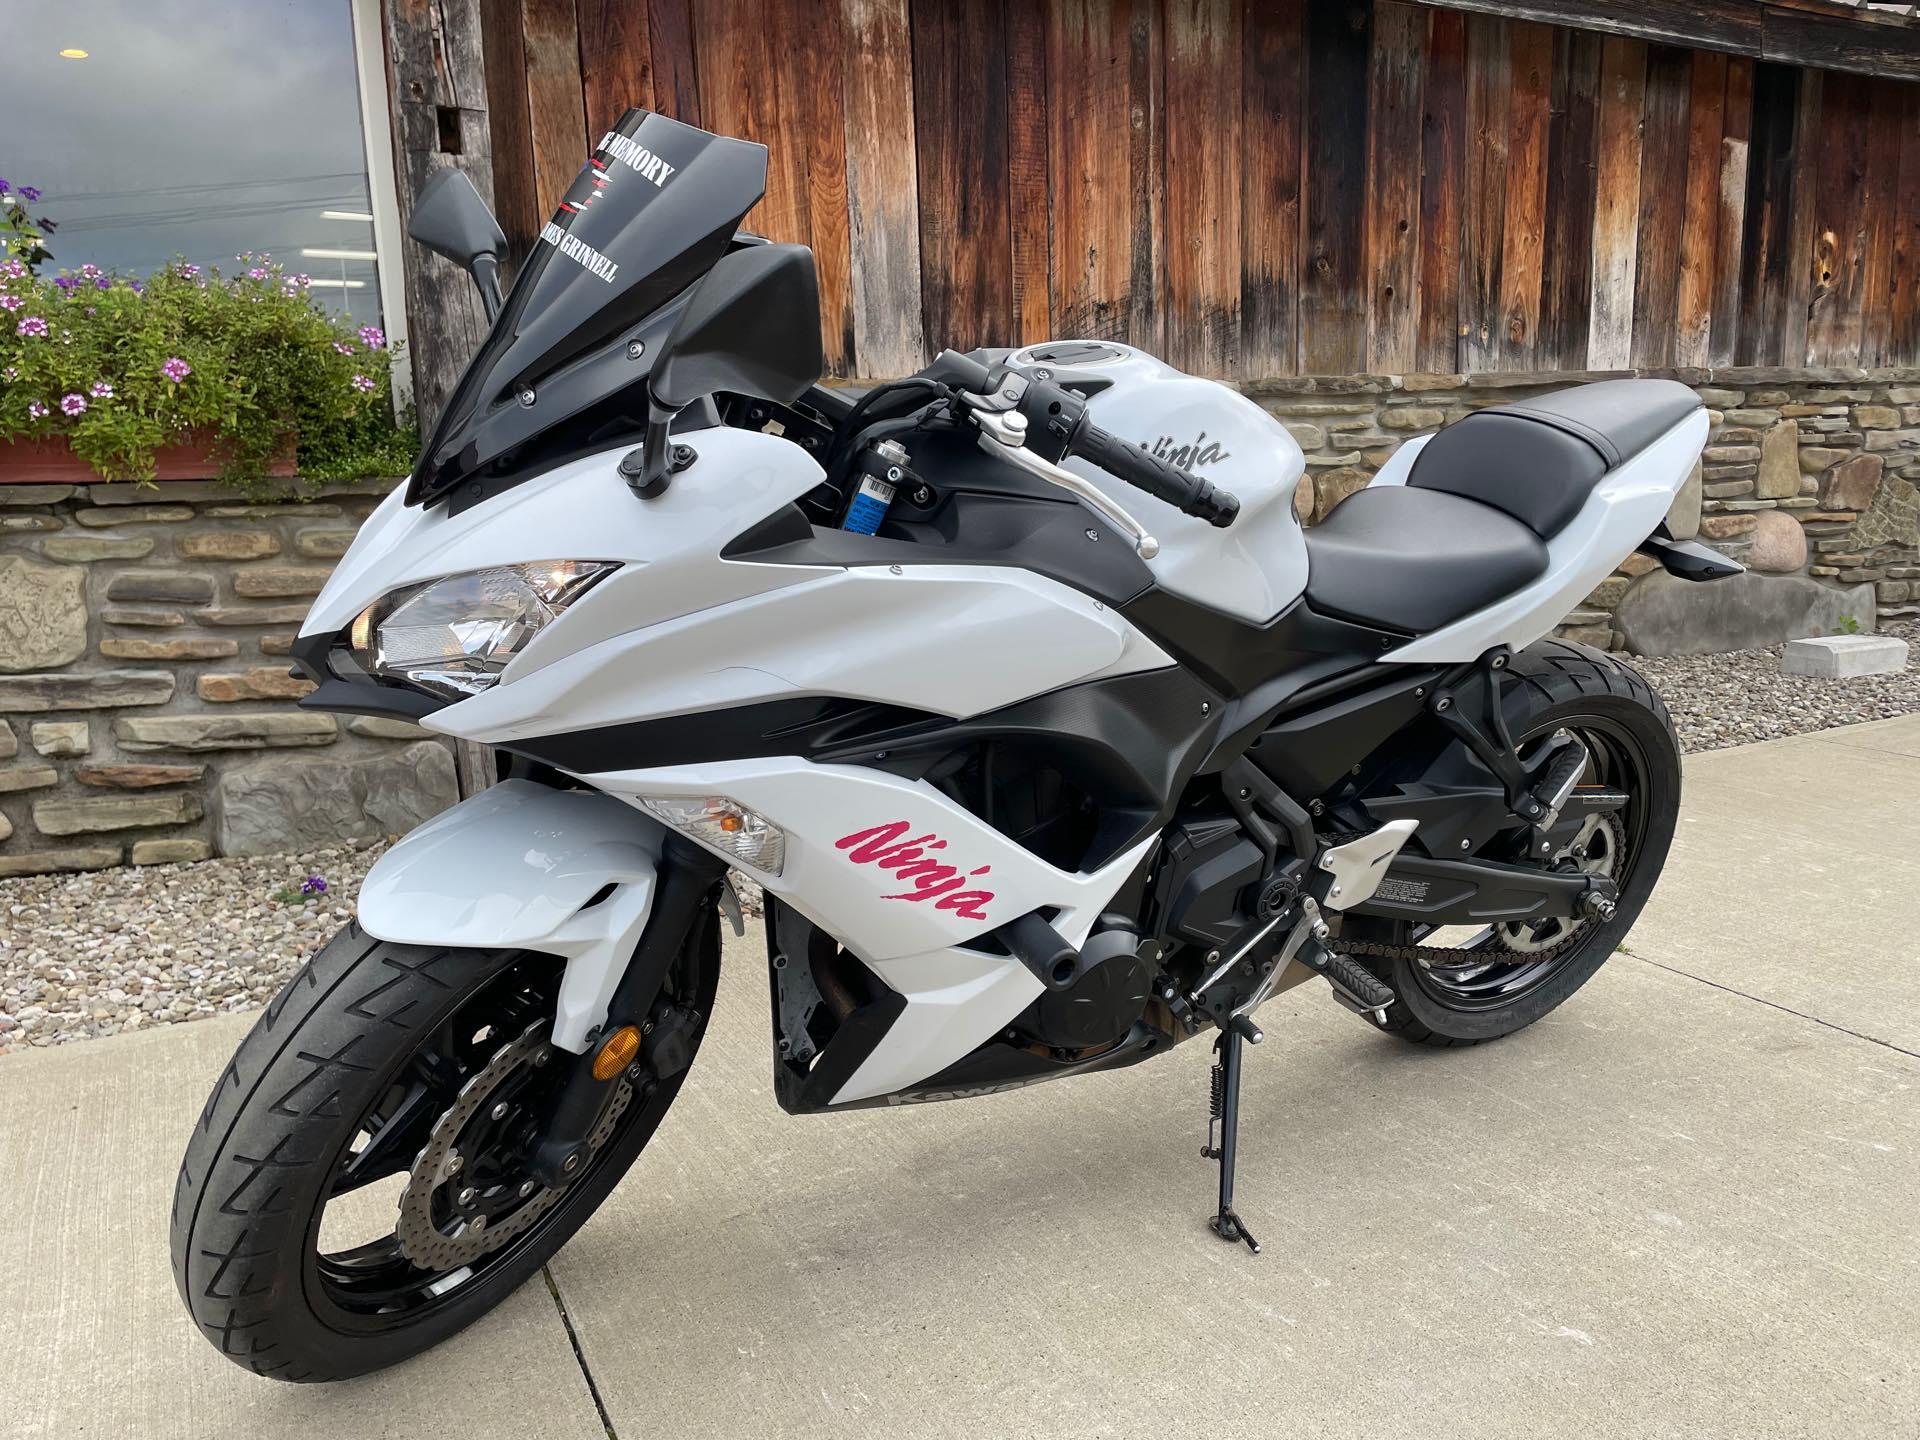 2017 Kawasaki Ninja 650 Base at Arkport Cycles